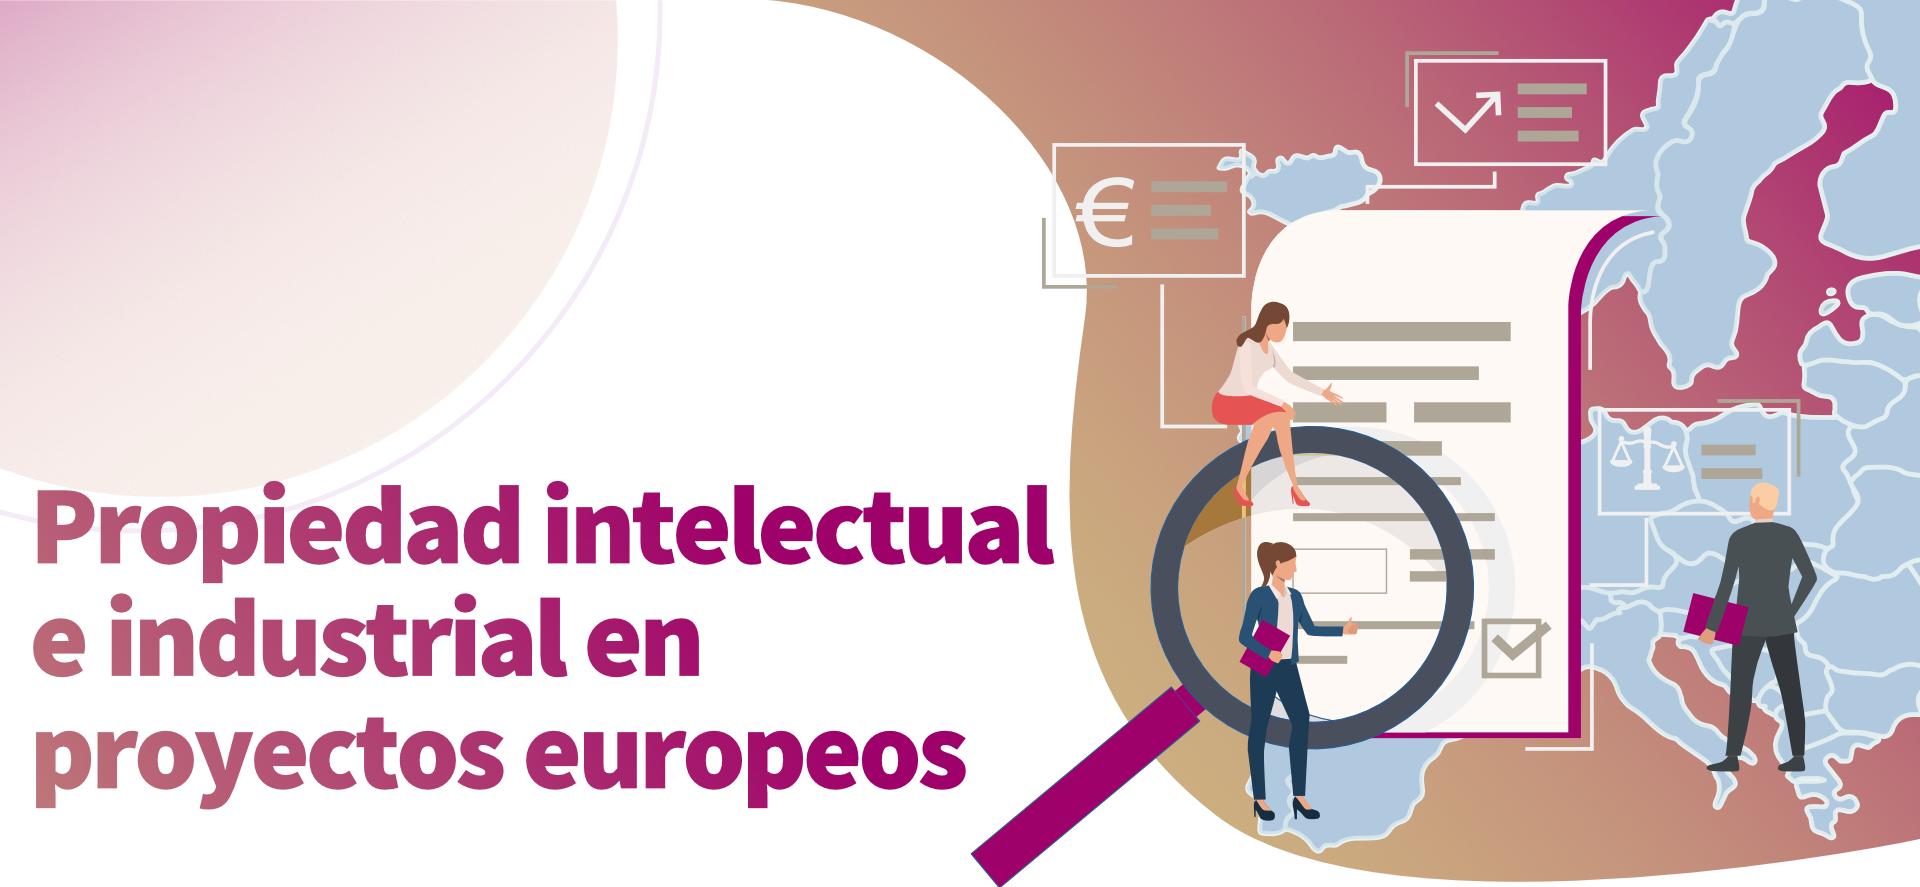 Propiedad industrial e intelectual en proyectos europeos